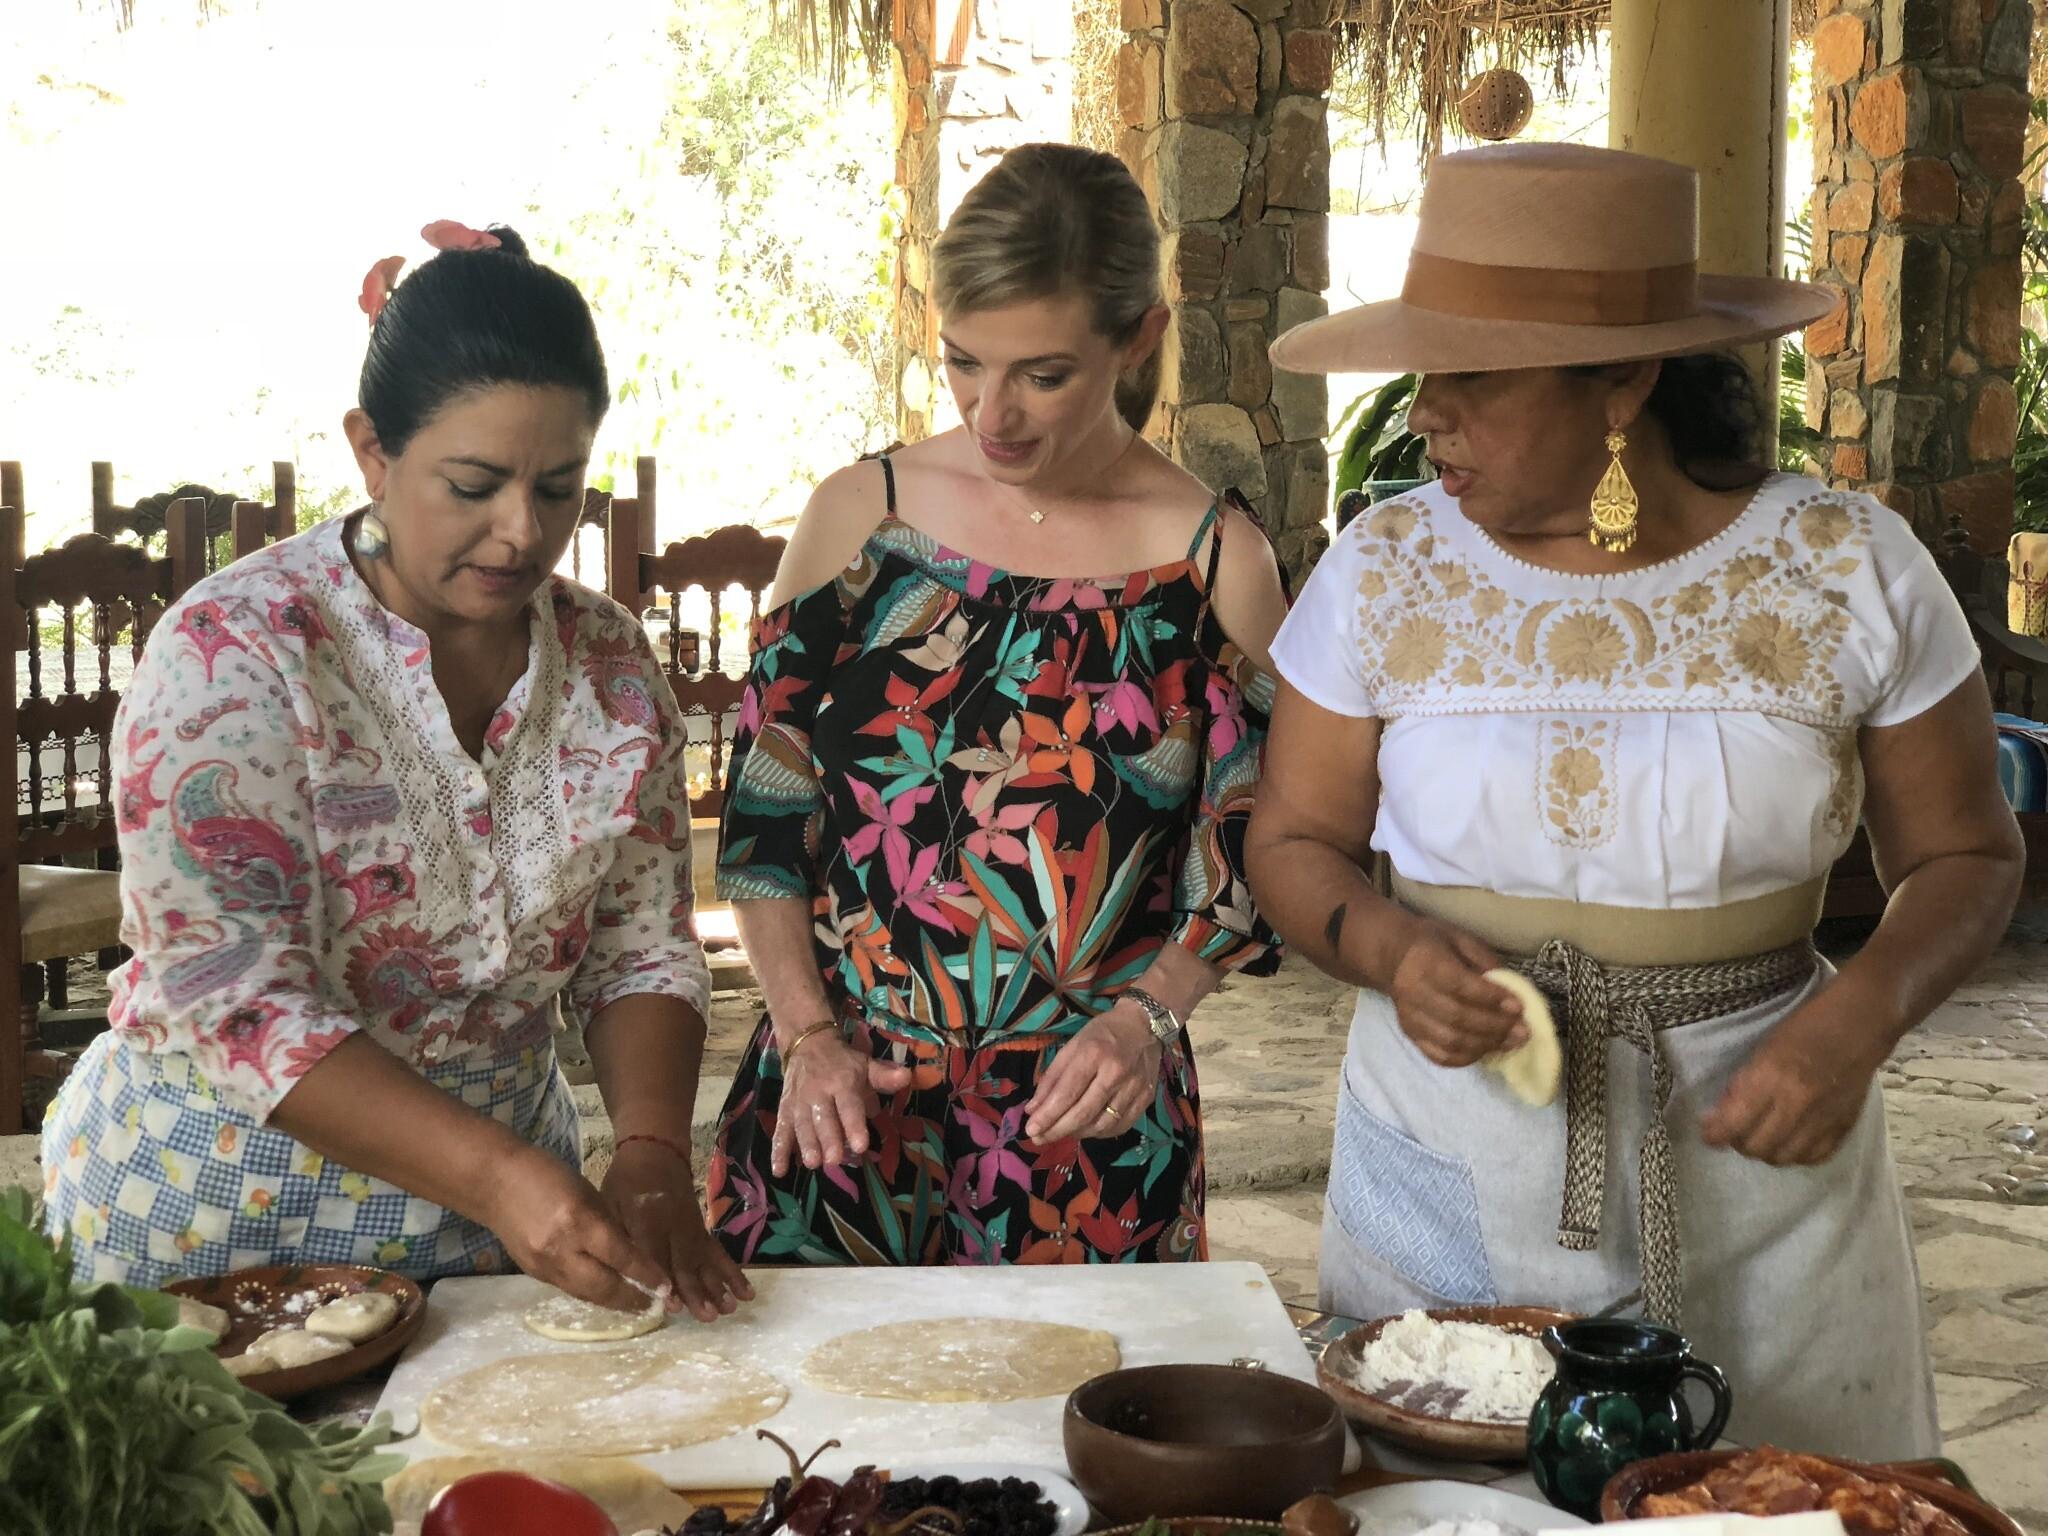 השפית פטי ג'יניץ' מבקרת בכפר מקסיקני ומבשלת עם הנשים המקומיות